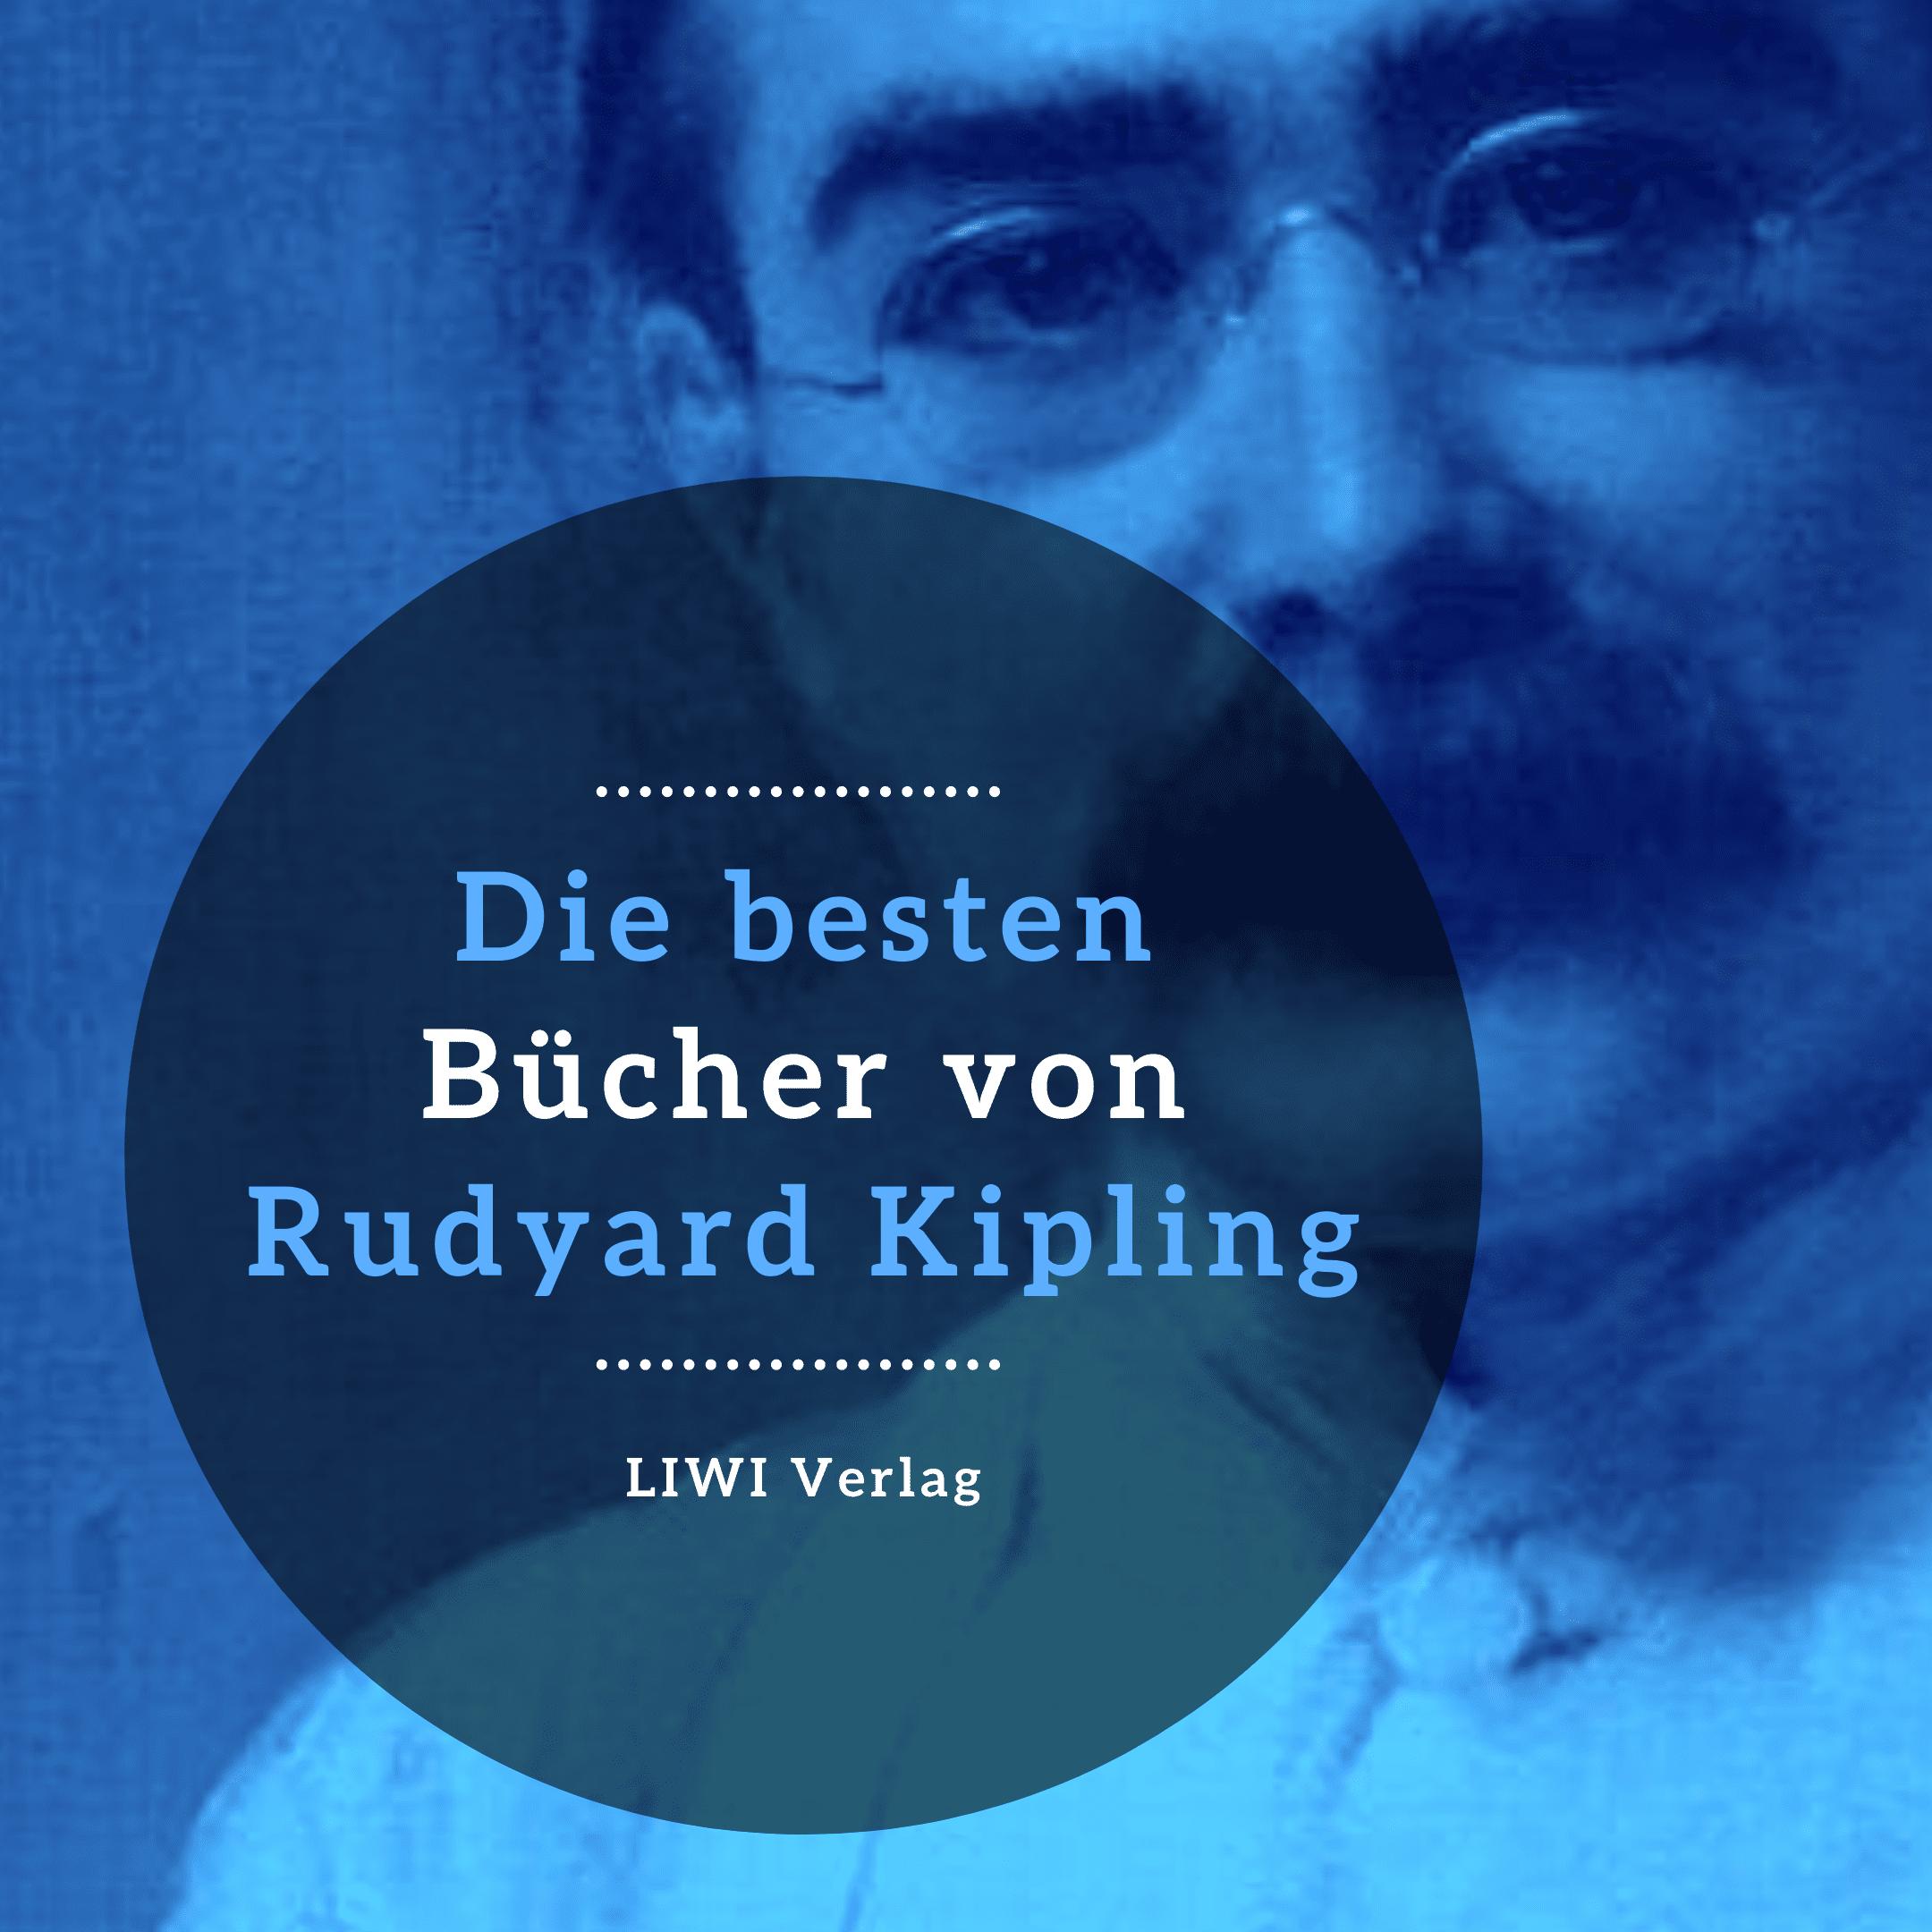 Rudyard Kipling Bücher LIWI Verlag